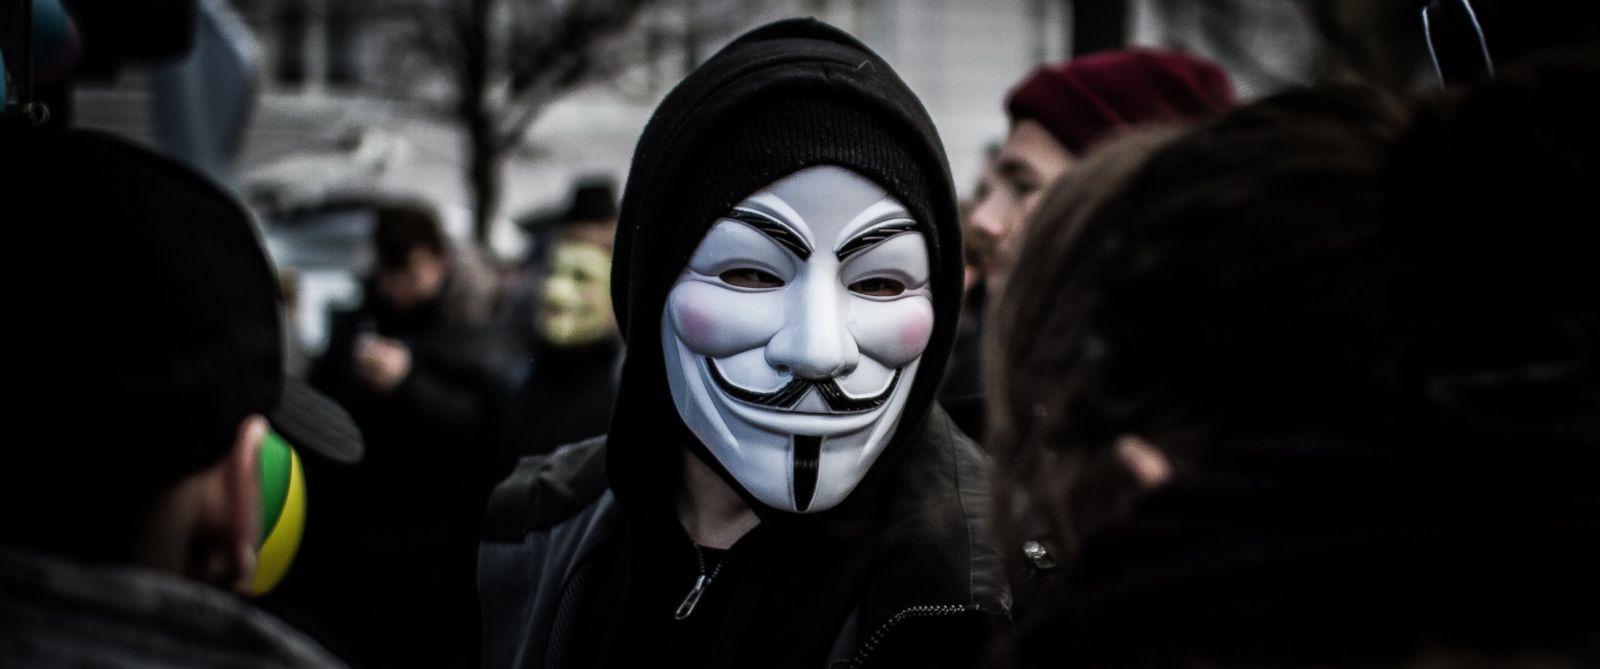 Hình ảnh Hacker che mặt bằng mặt nạ